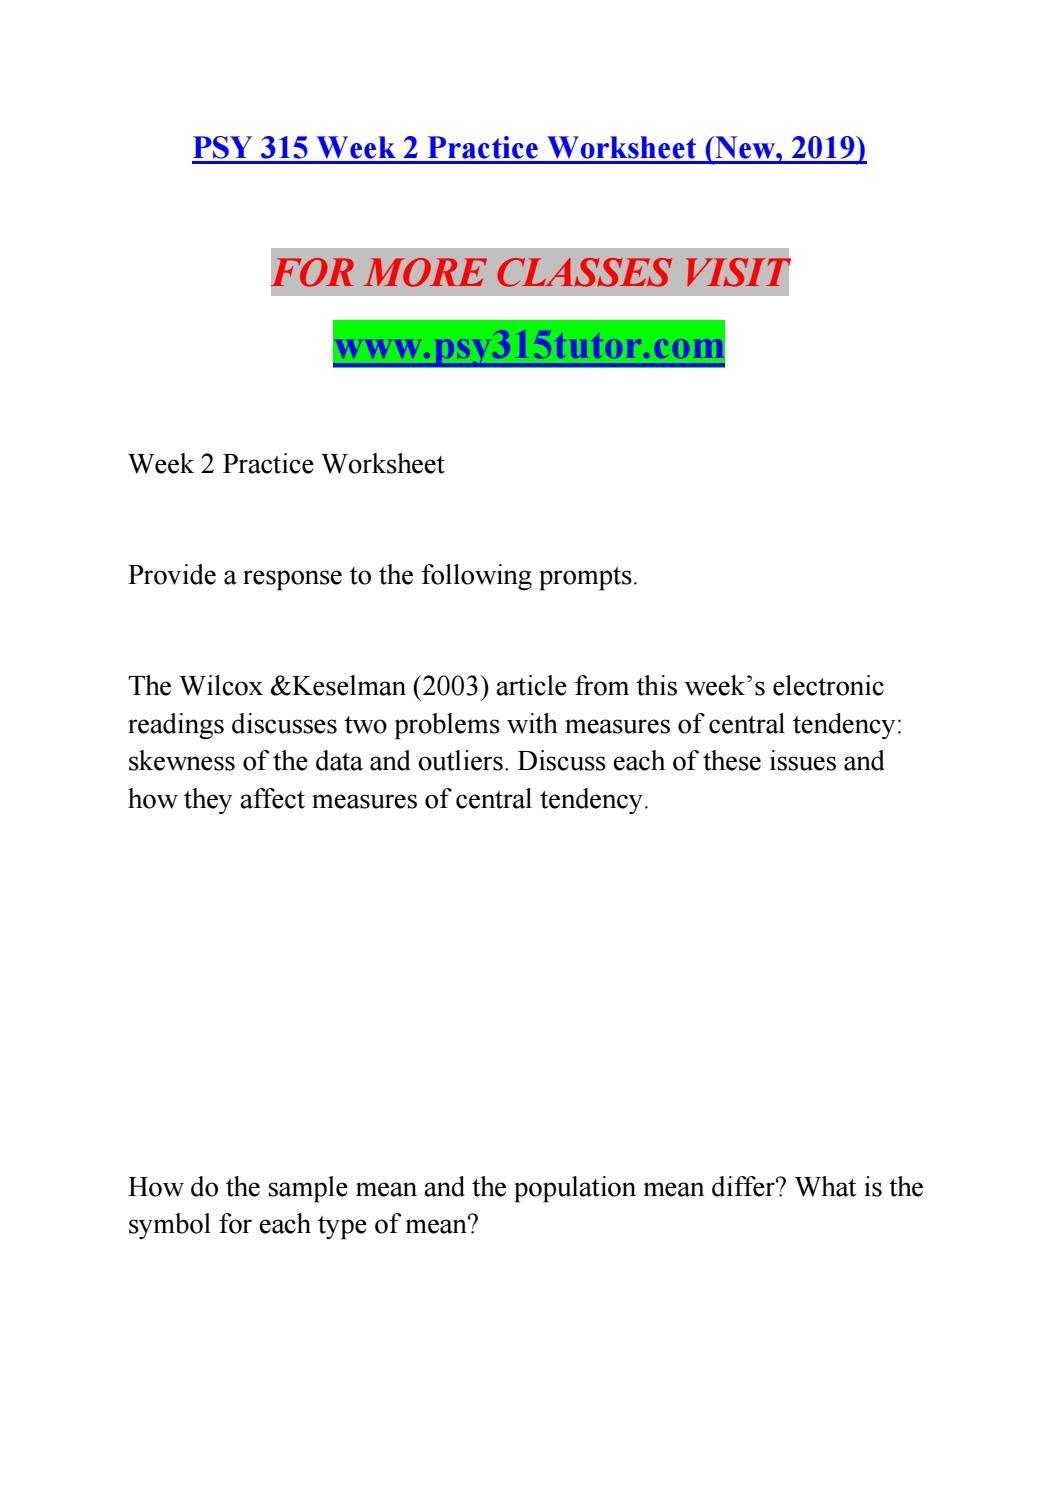 Z Score Practice Worksheet Psy 315 Week 2 Practice Worksheet New 2019 by Su